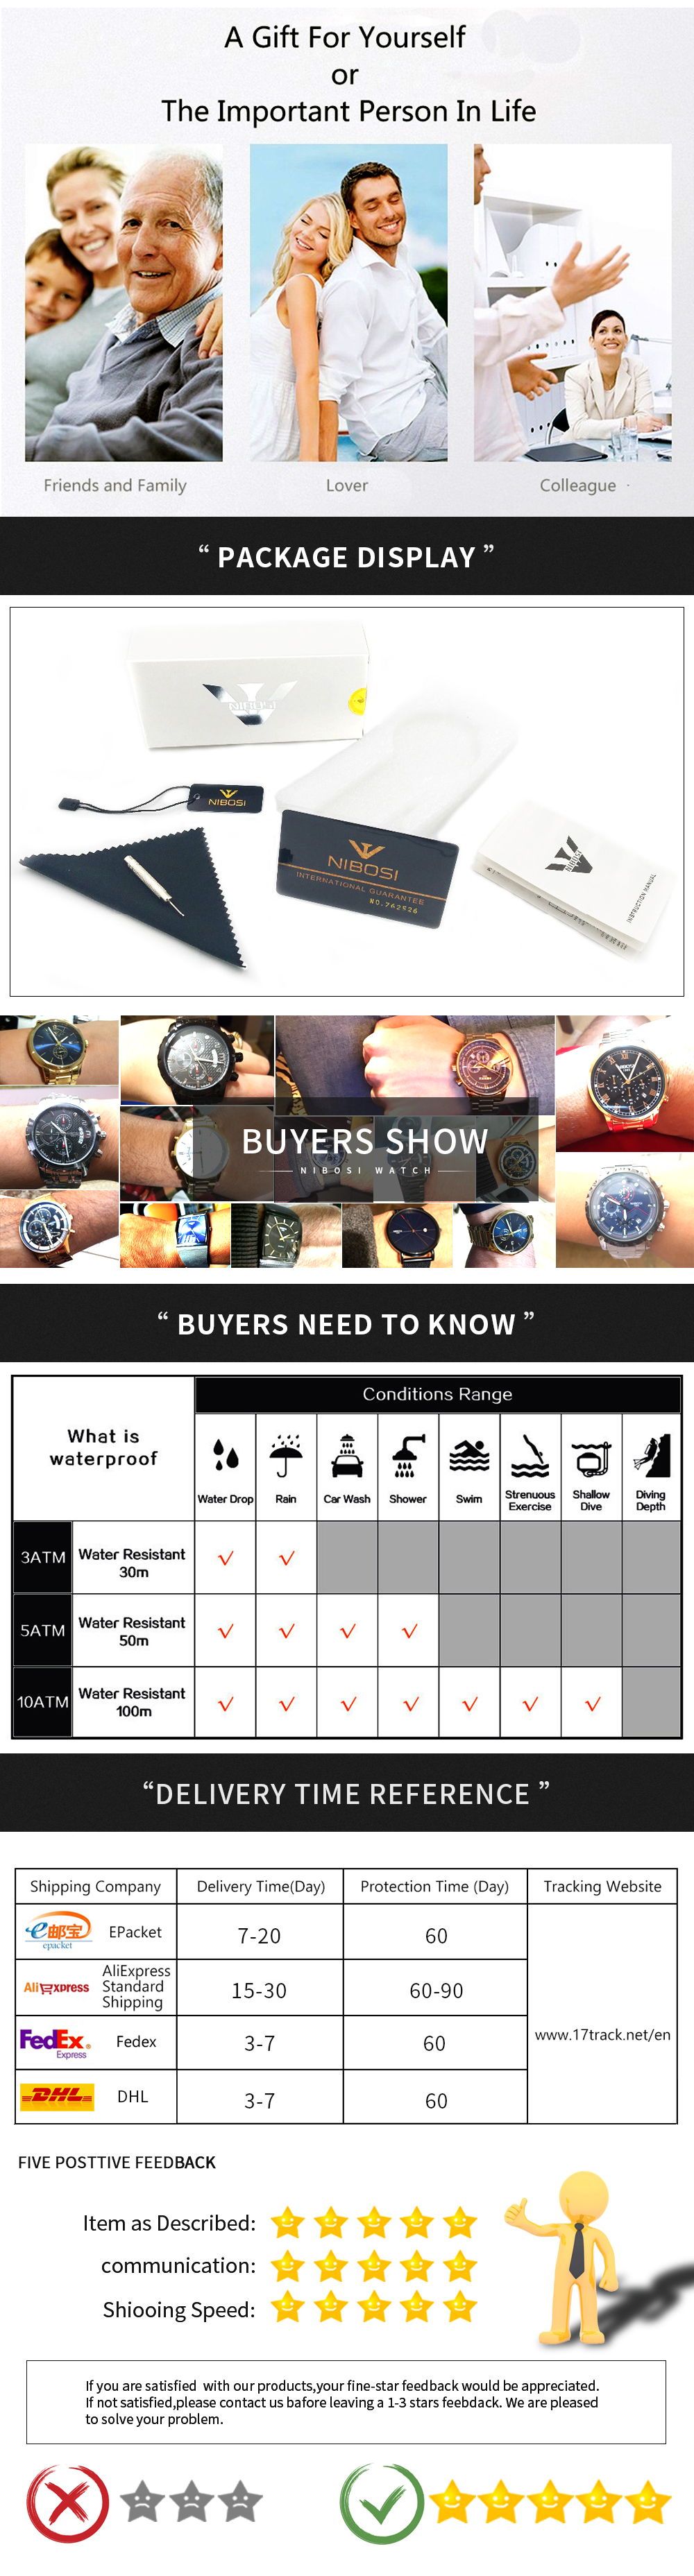 Relojes de hombre NIBOSI Relogio Masculino, relojes de pulsera de cuarzo de estilo informal de marca famosa de lujo para hombre, relojes de pulsera Saat 54